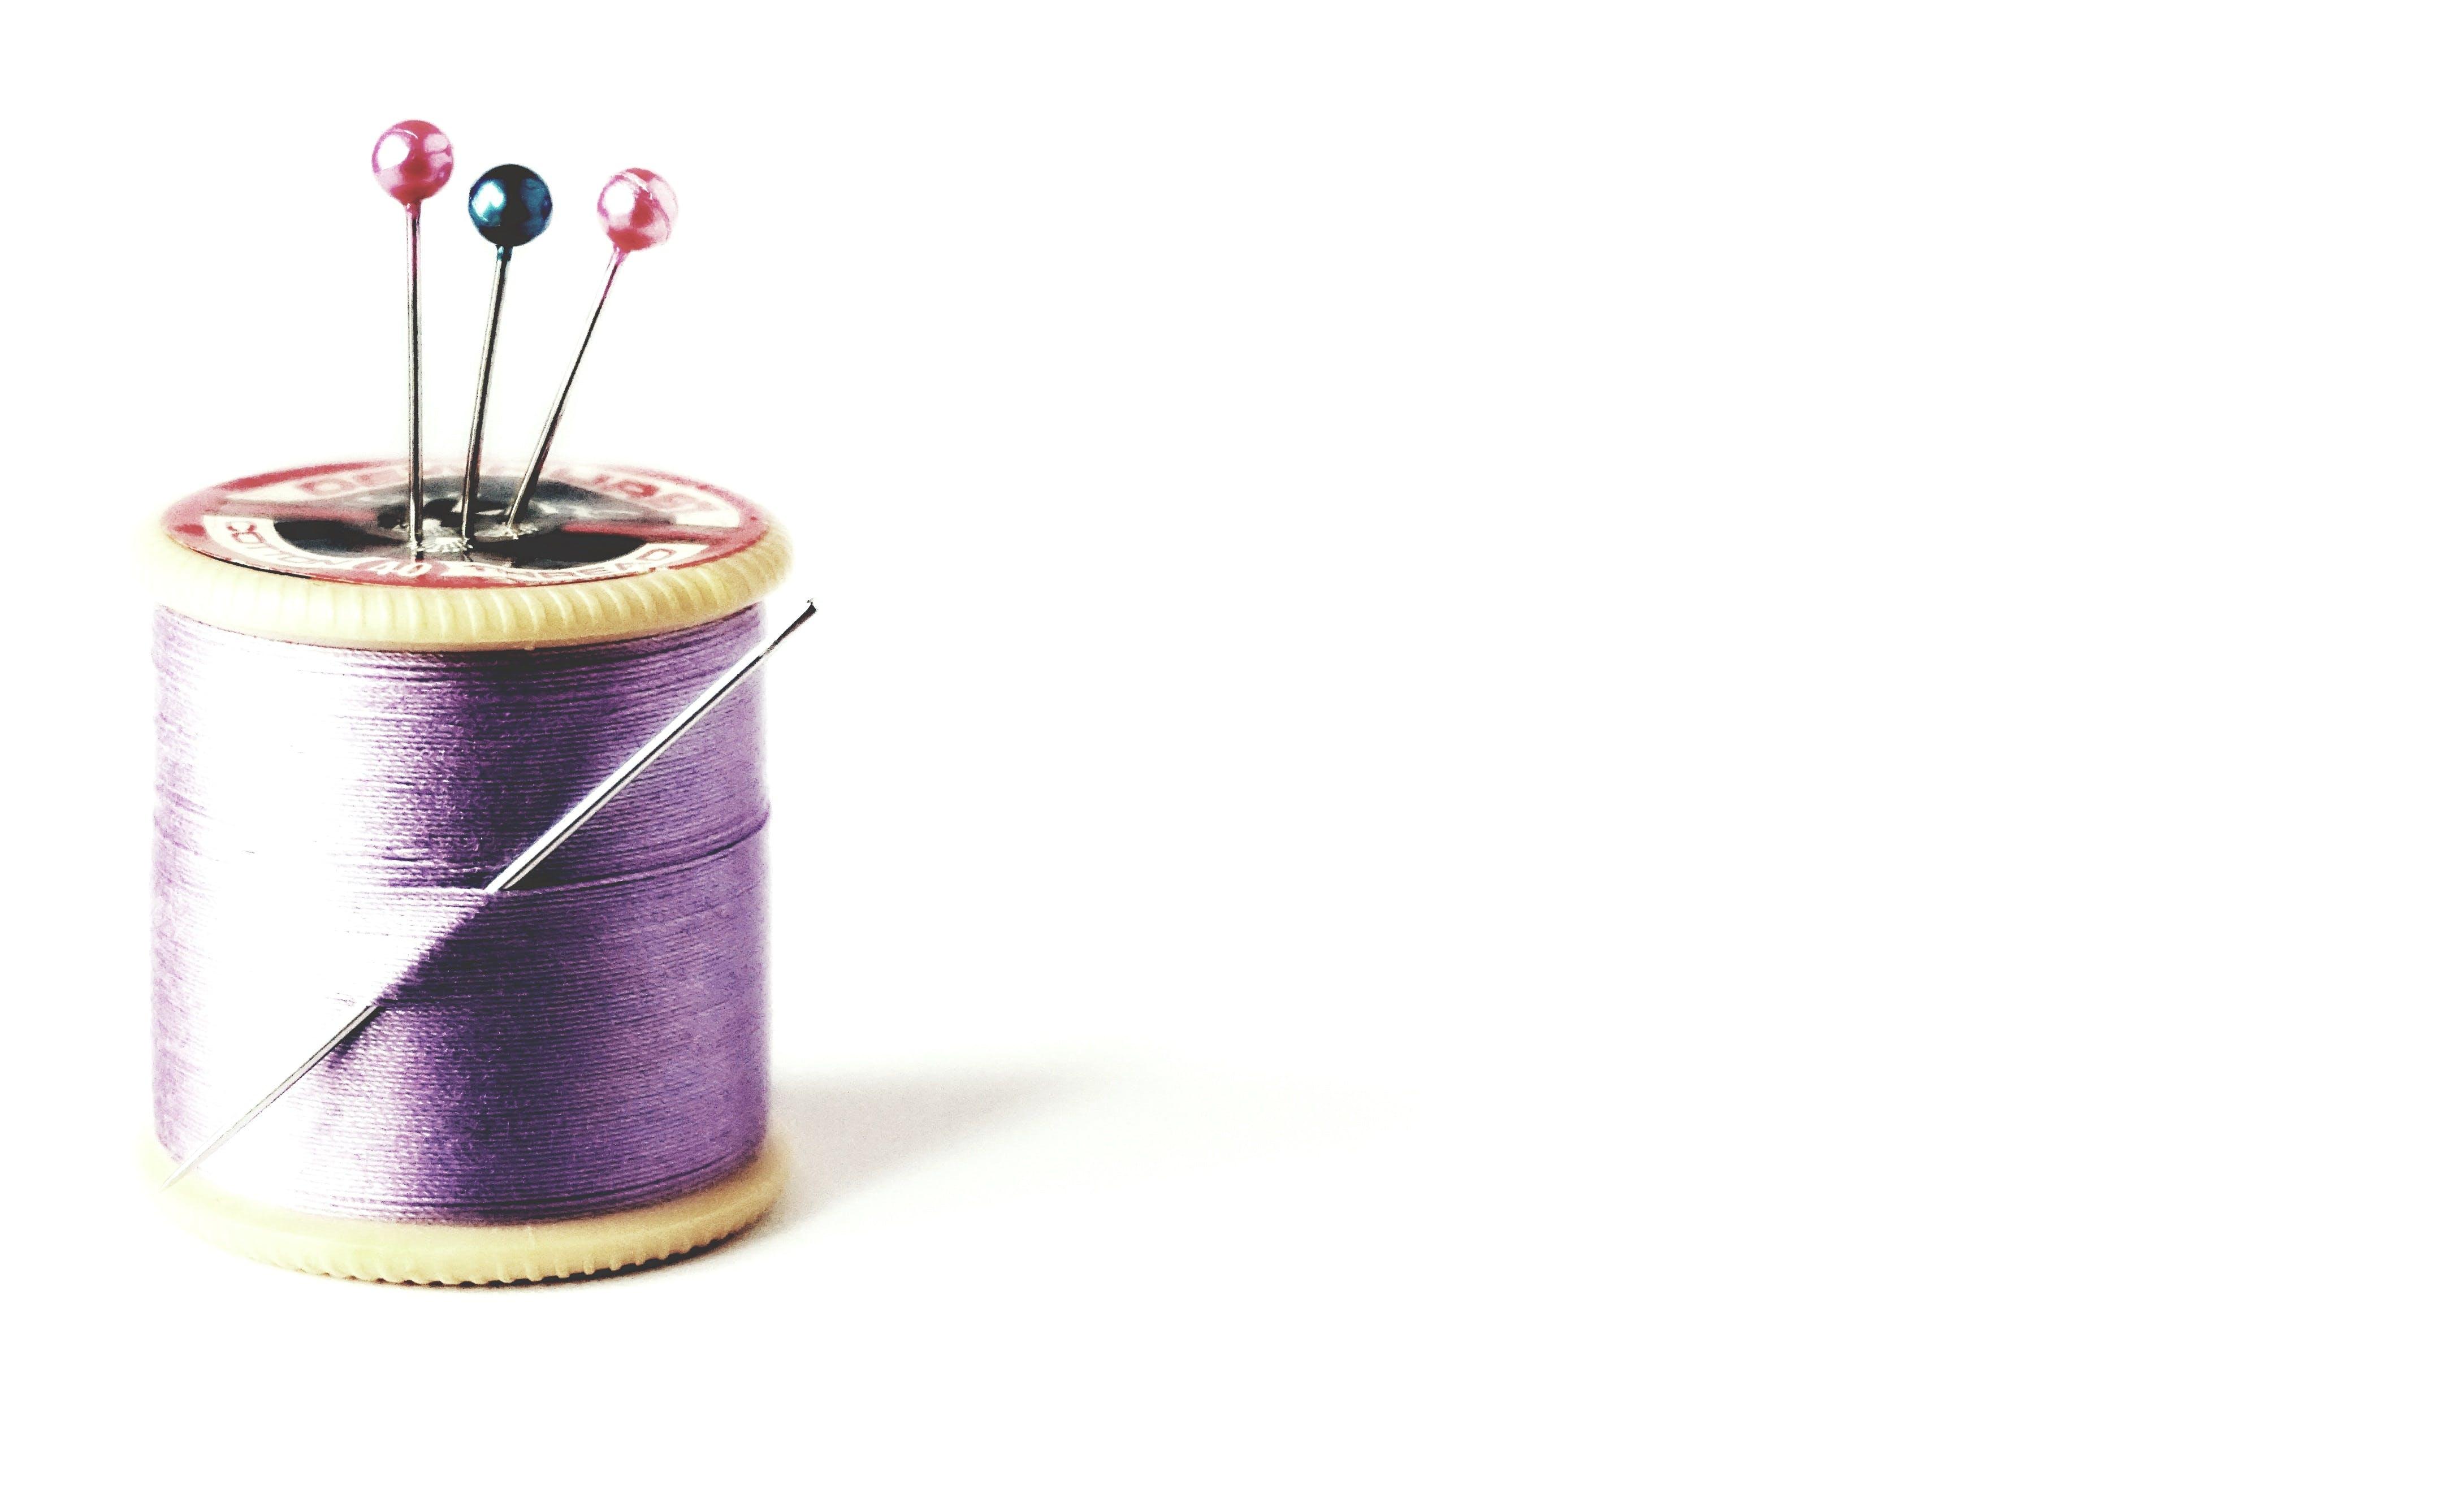 Kostenloses Stock Foto zu baumwollspulen, lila, nadeln, nähen